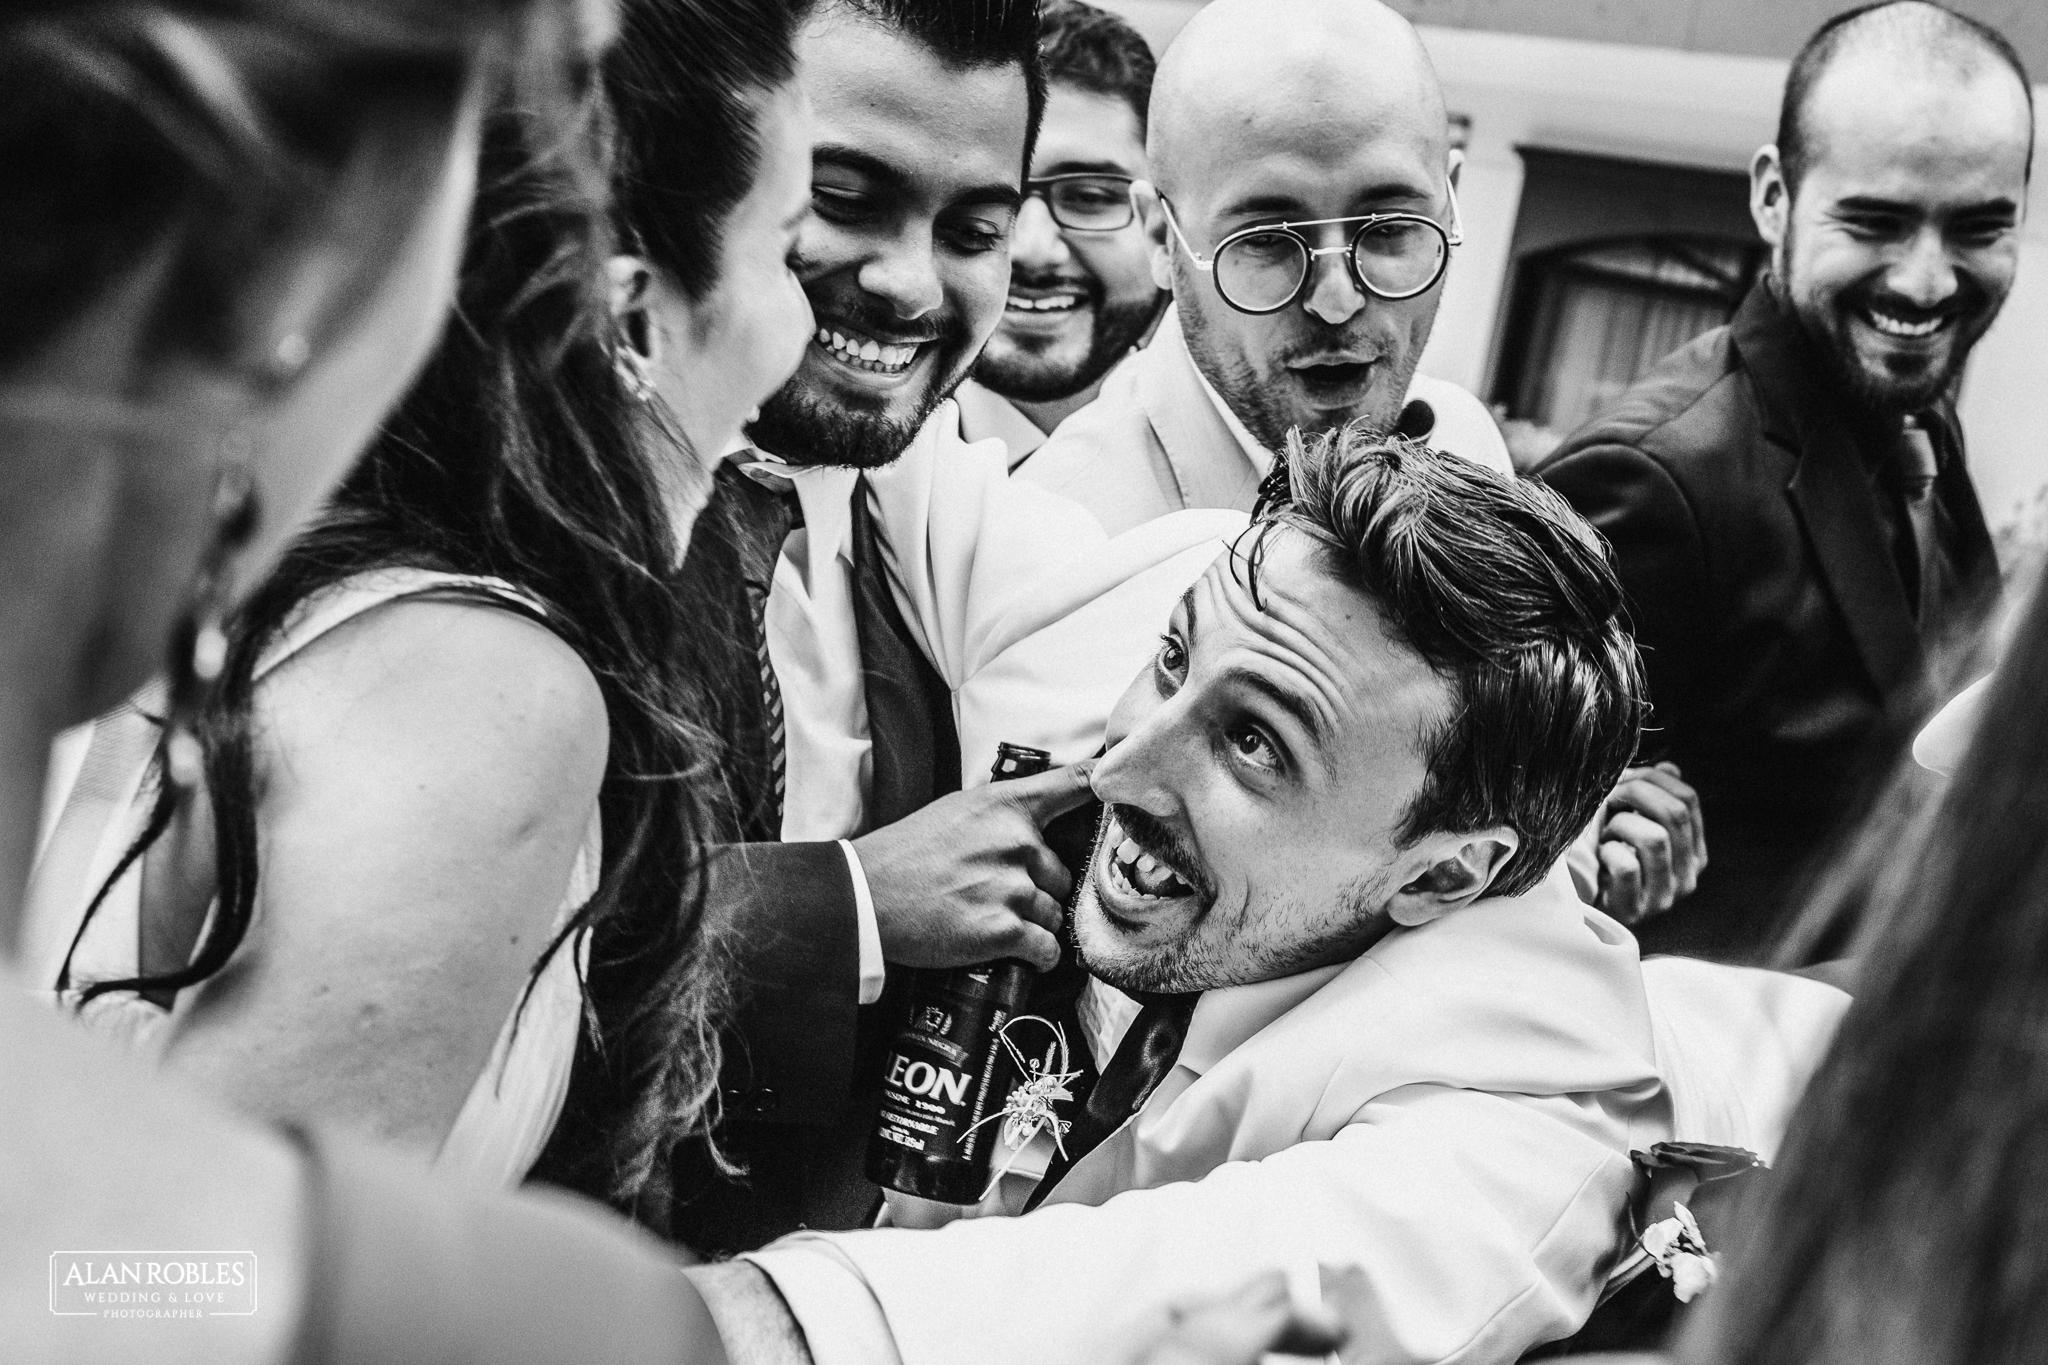 Novios con damas de honor y best mens en sesion fotografica. Mejores fotos de boda. Fotos divertidas con damas de honor. Alan Robles Fotografo de bodas. Humor.